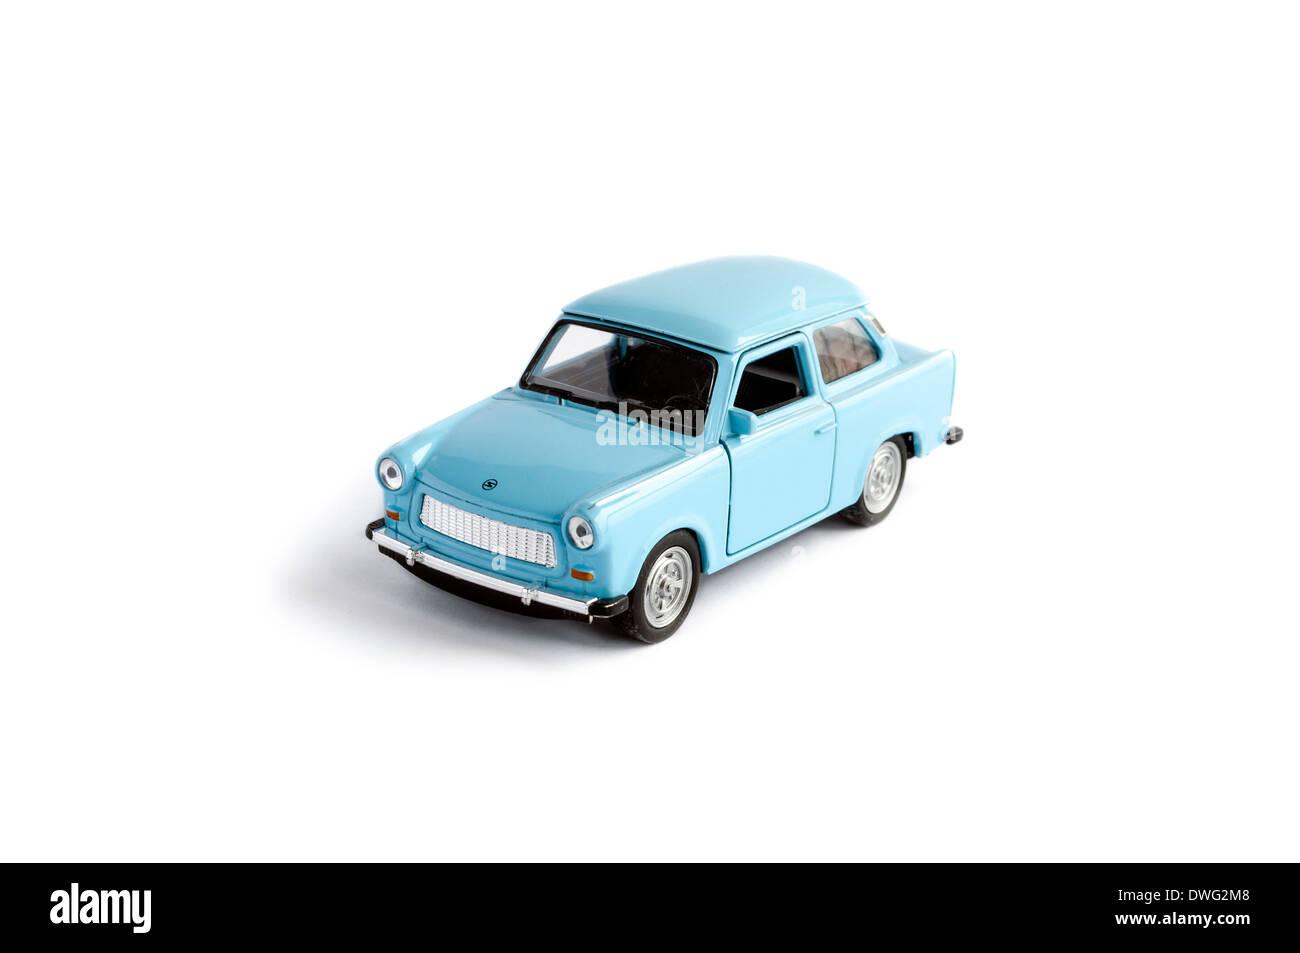 Trabant model car isolated on white - Stock Image